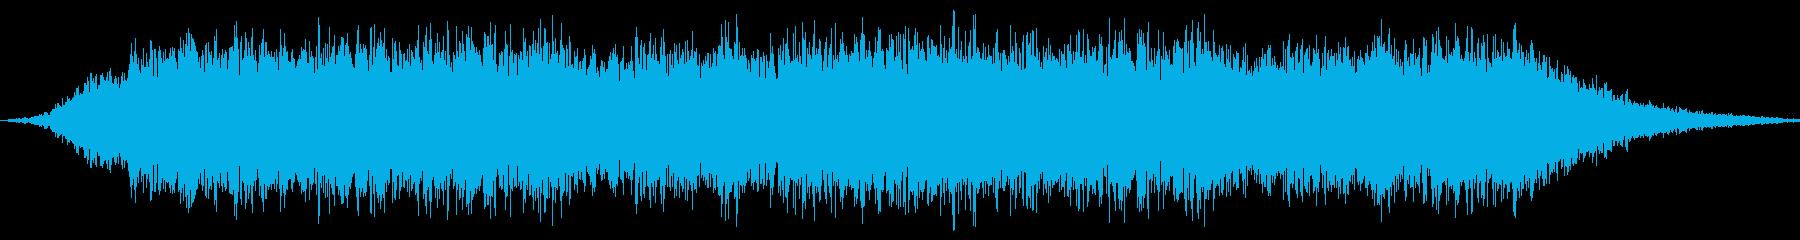 ボルテックスオープニング、安定の再生済みの波形